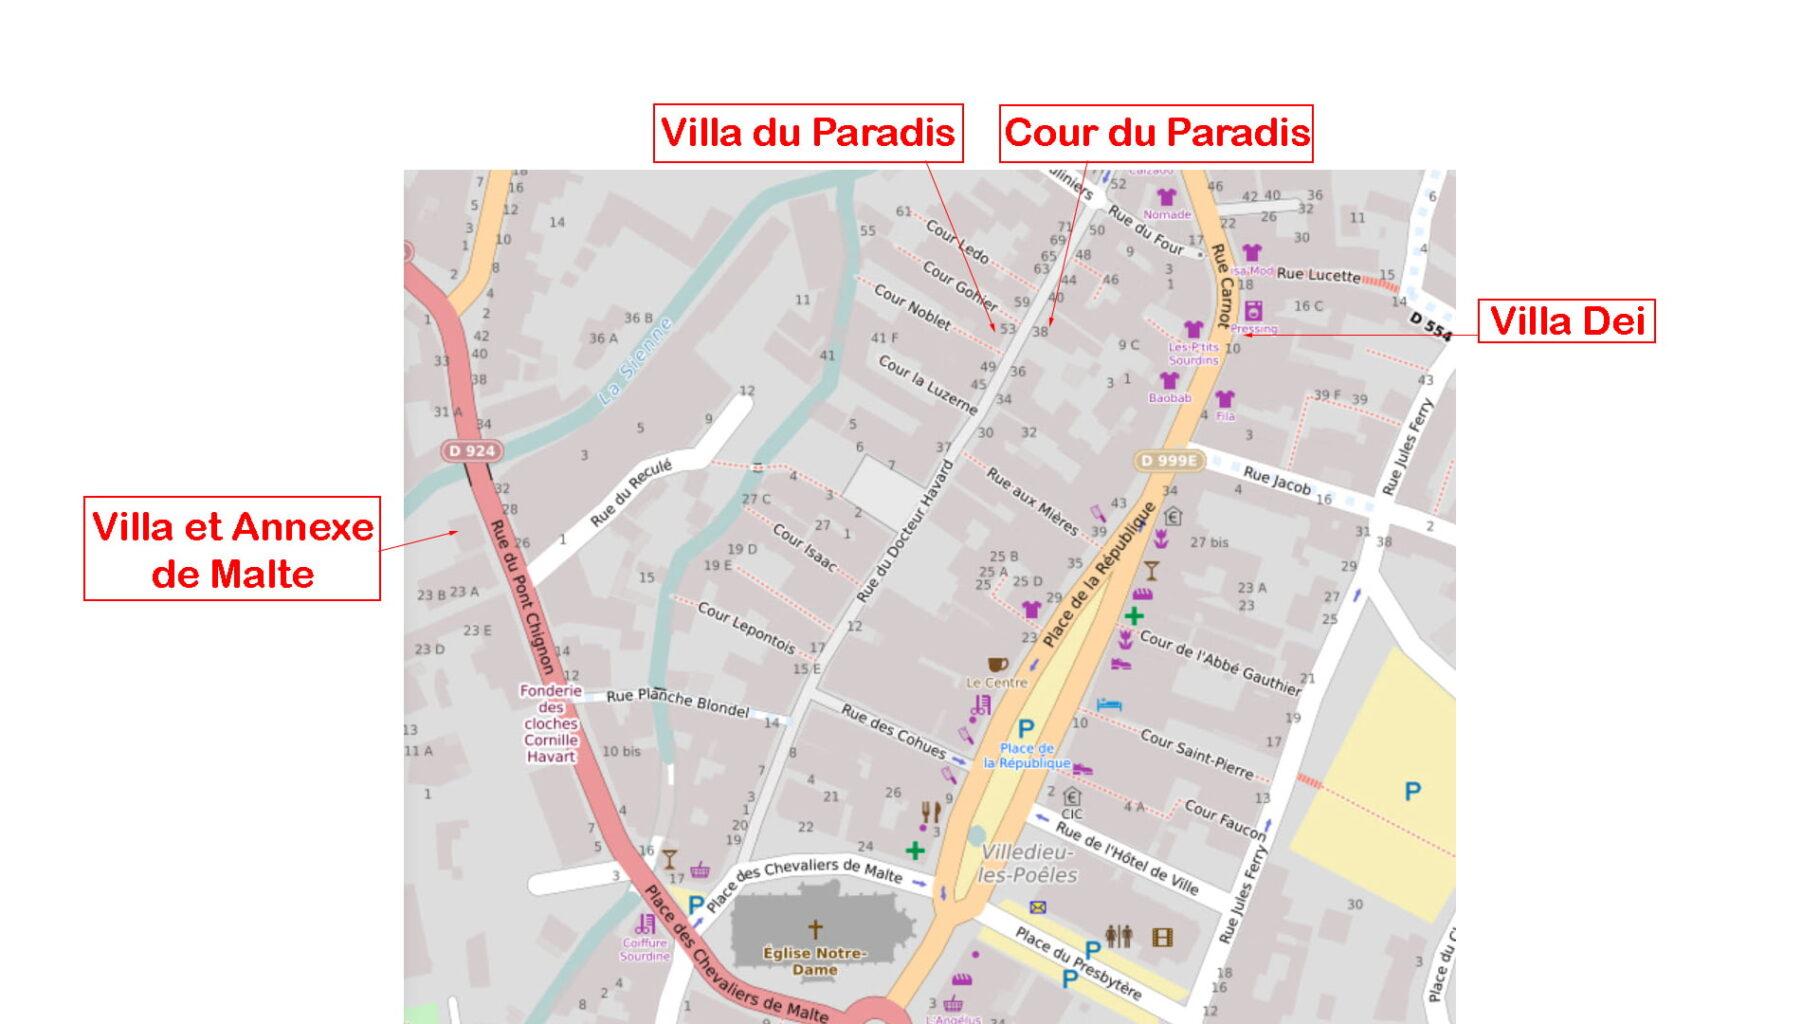 Plan Gites Villedieu - La Villa du Paradis - Location de Gite La Clef Decamp - Laclefdecamp.fr